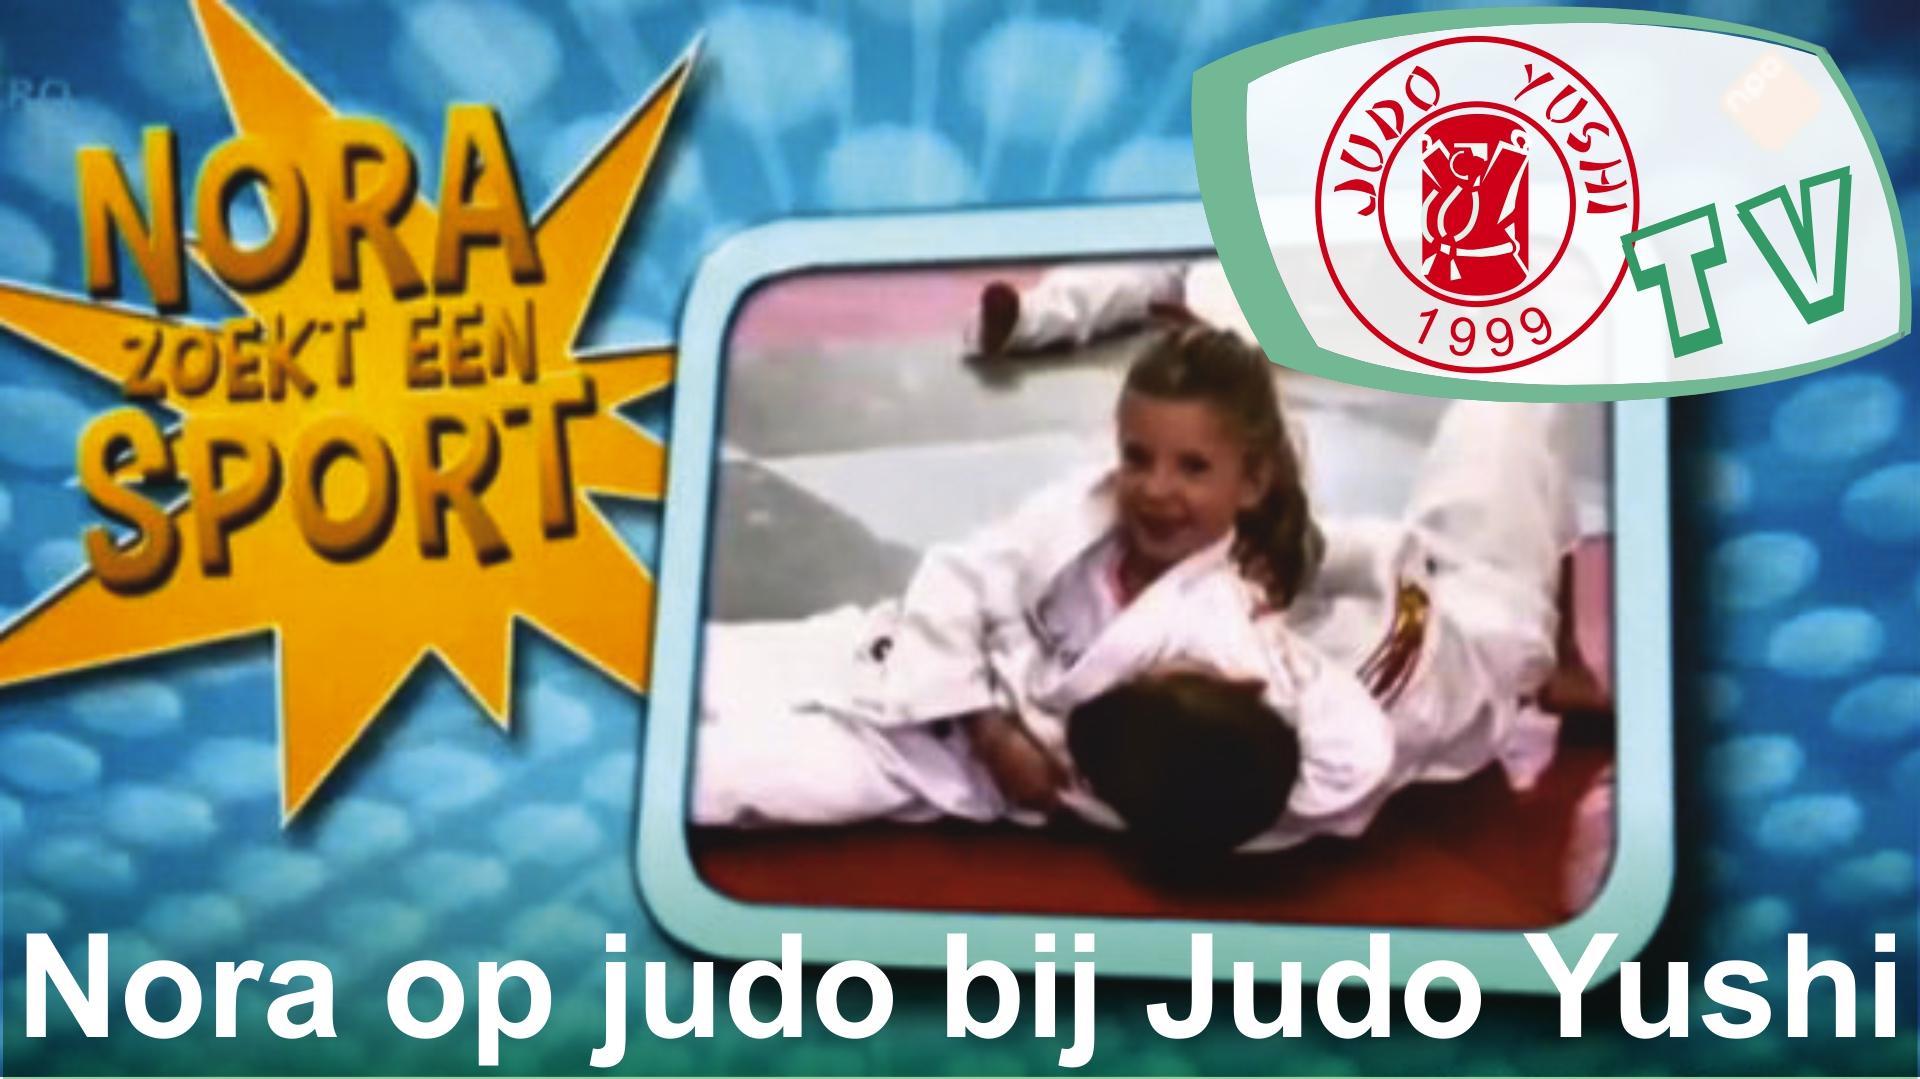 Nora zoekt een sport en volgt een judoles bij Judo Yushi